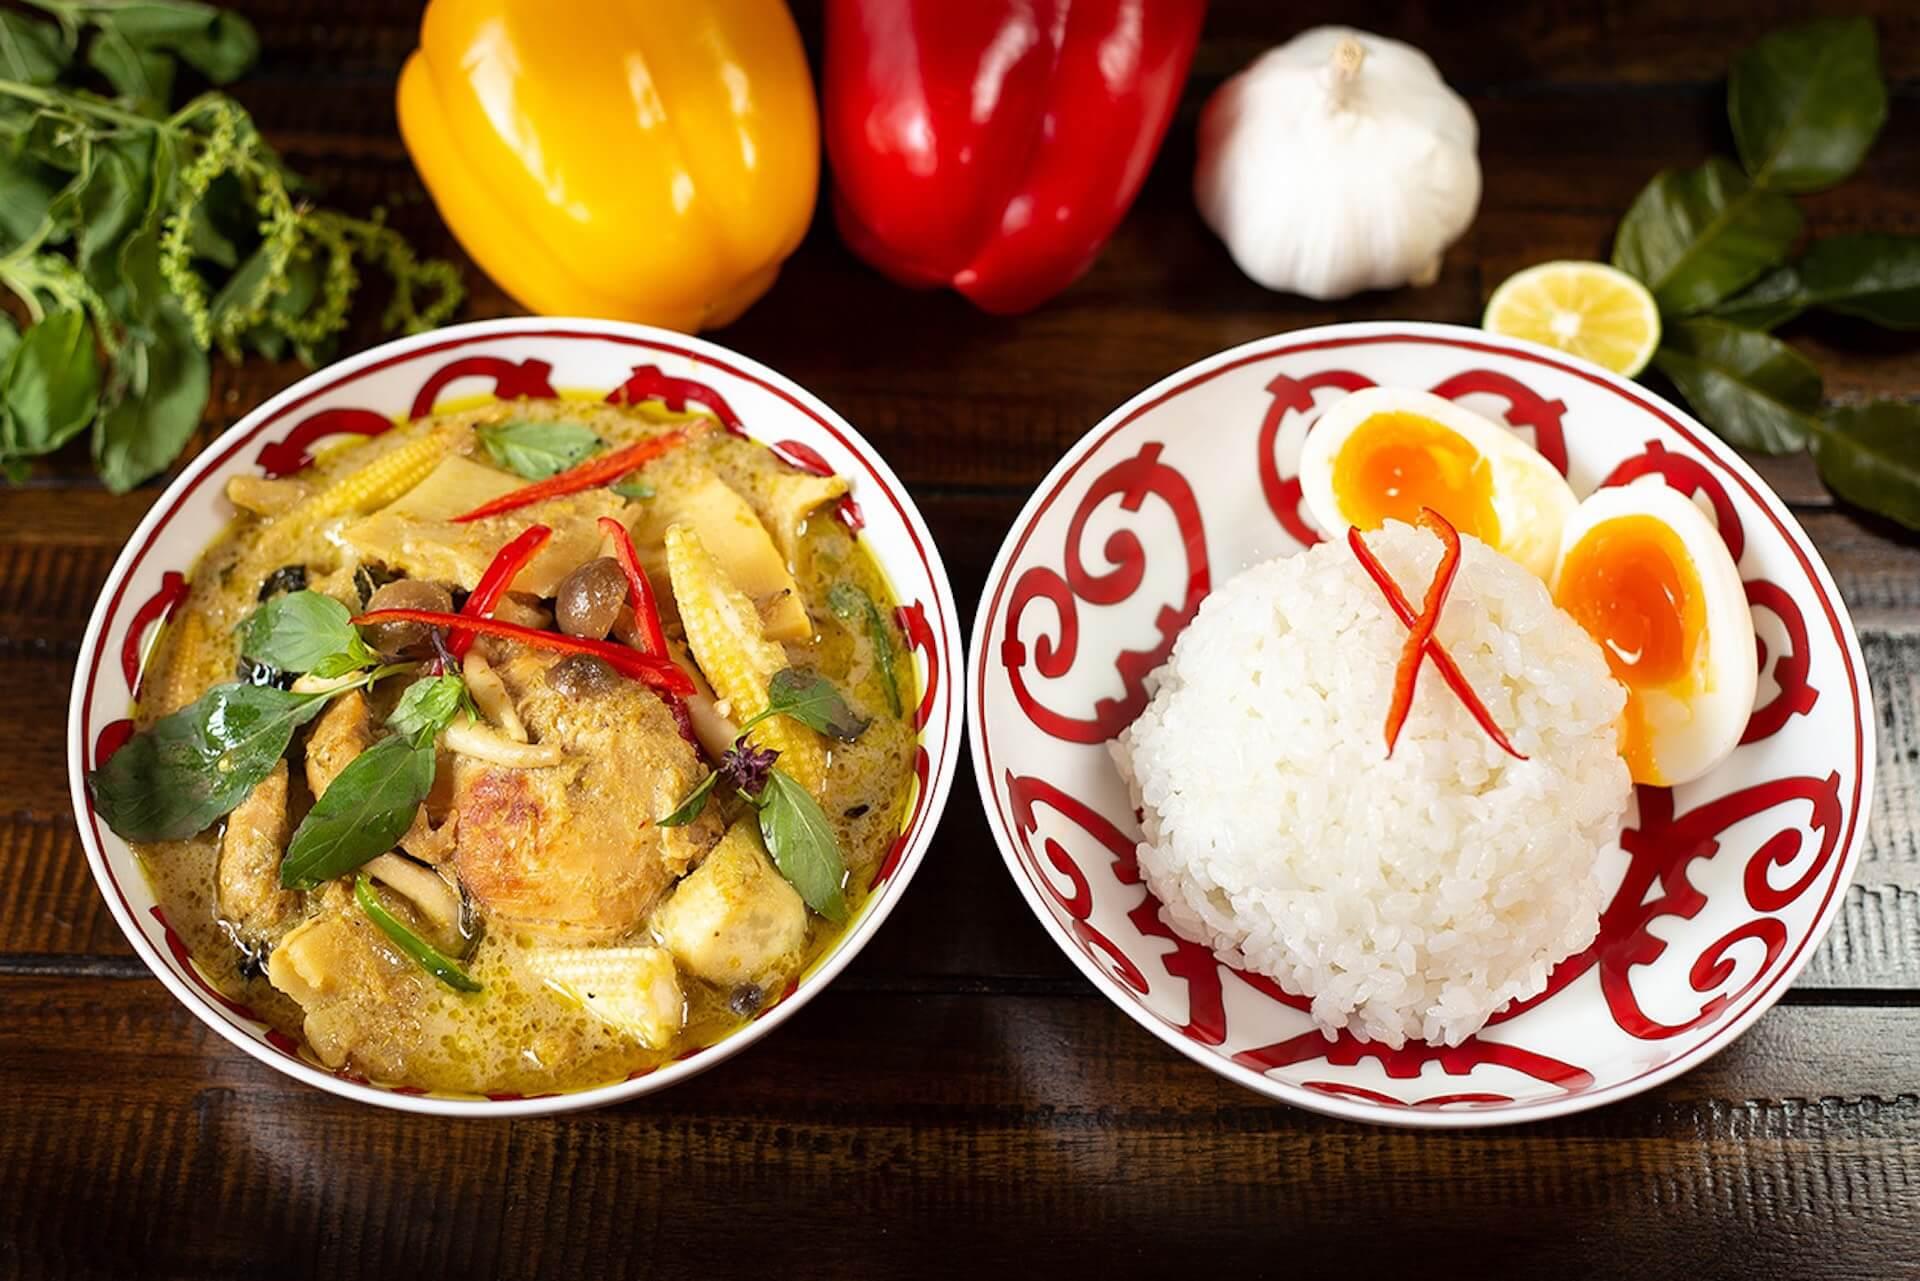 人気タイ料理をUber Eatsで堪能しよう!恵比寿のPiyanee THAI TEAがテイクアウト&Uber Eats販売スタート gourmet200421_piyanee_takeout_03